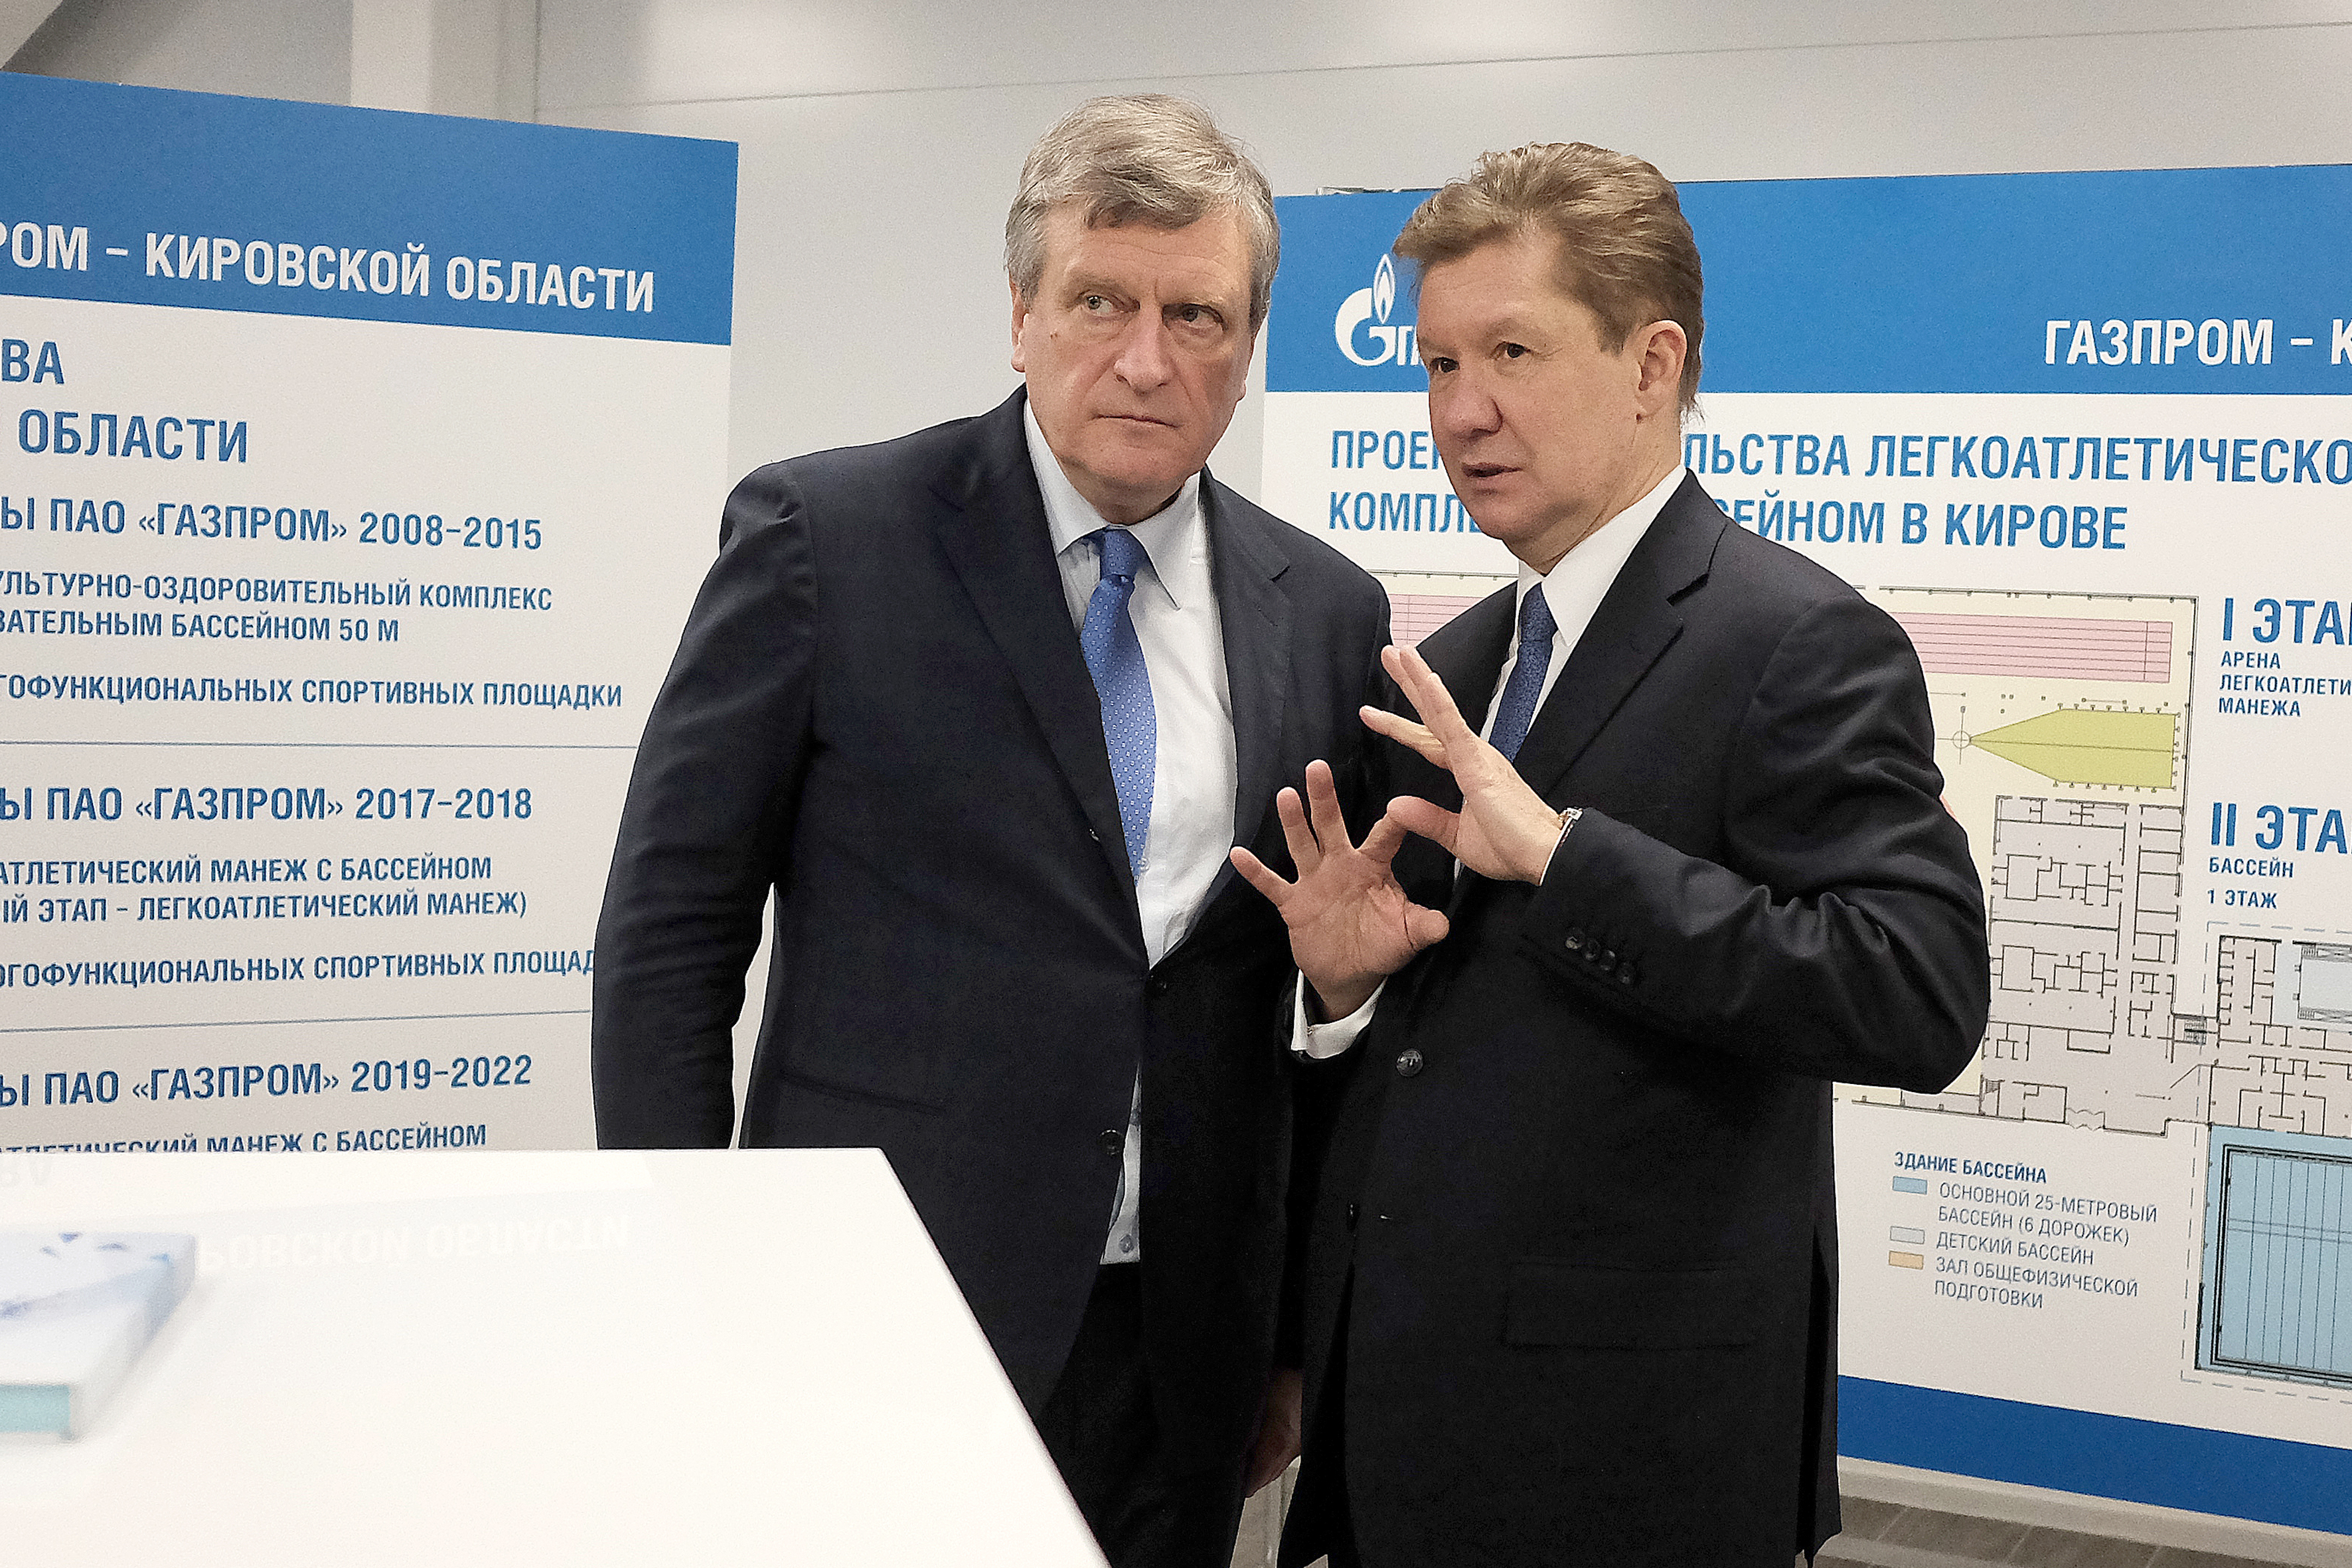 На газоснабжение Кировской области выделят 850 млн рублей